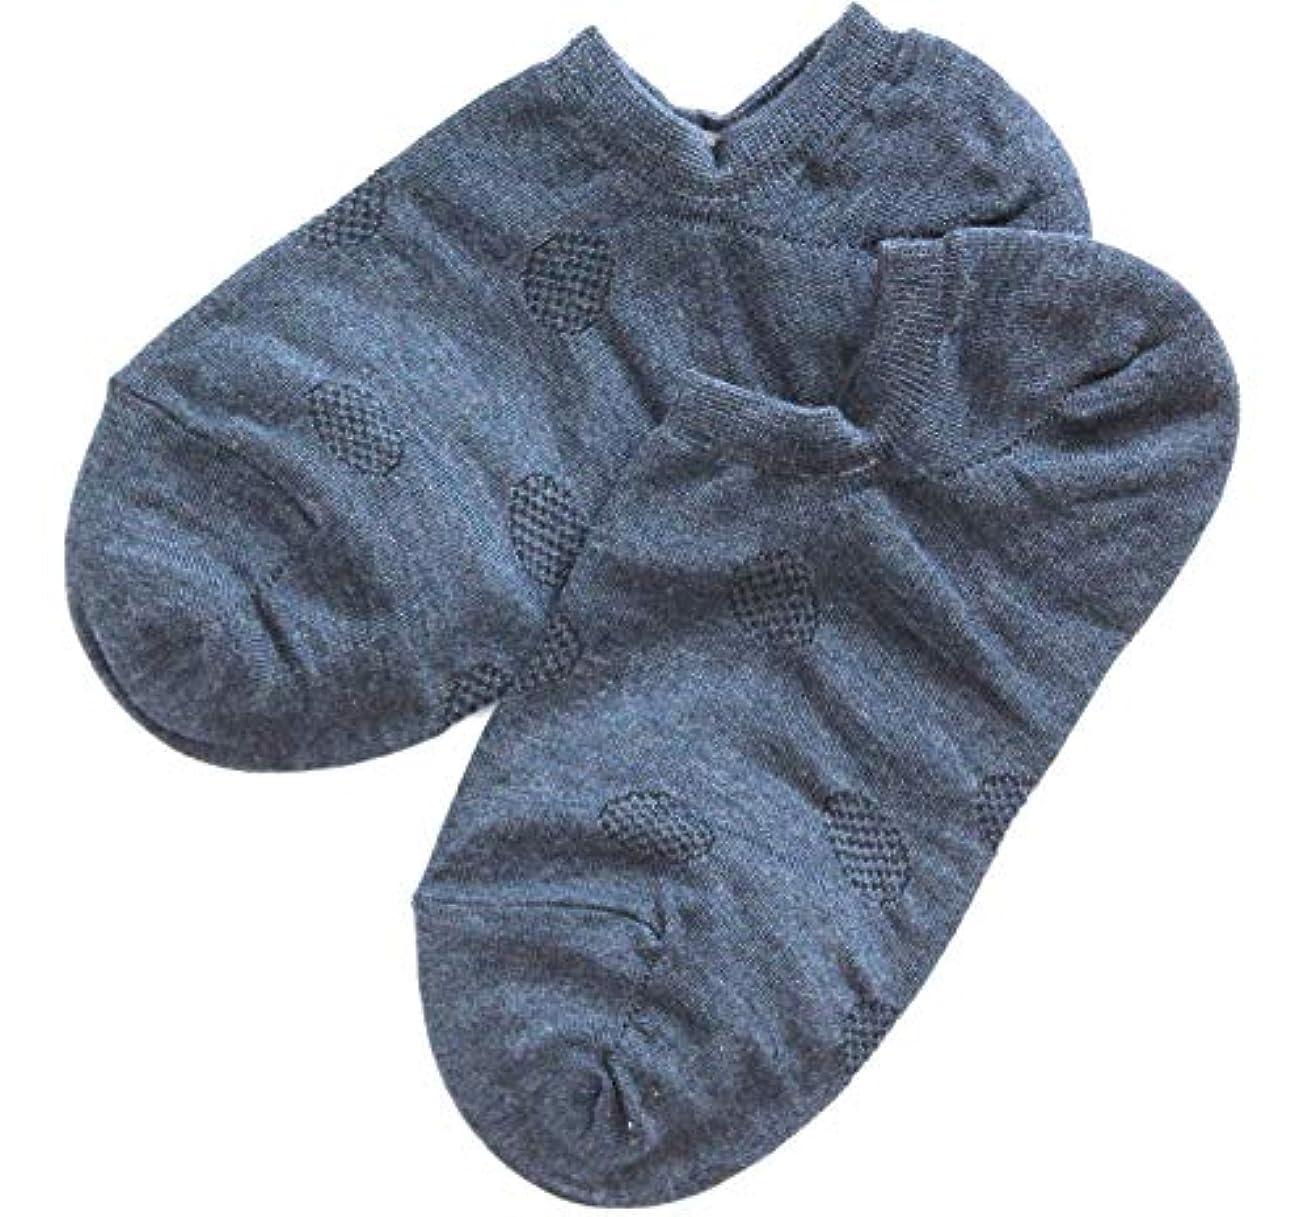 温むすび かかとケア靴下 【足うら美人カバーソックスタイプ 女性用 22~24cm ネイビー】 ひび割れ ケア 夏用